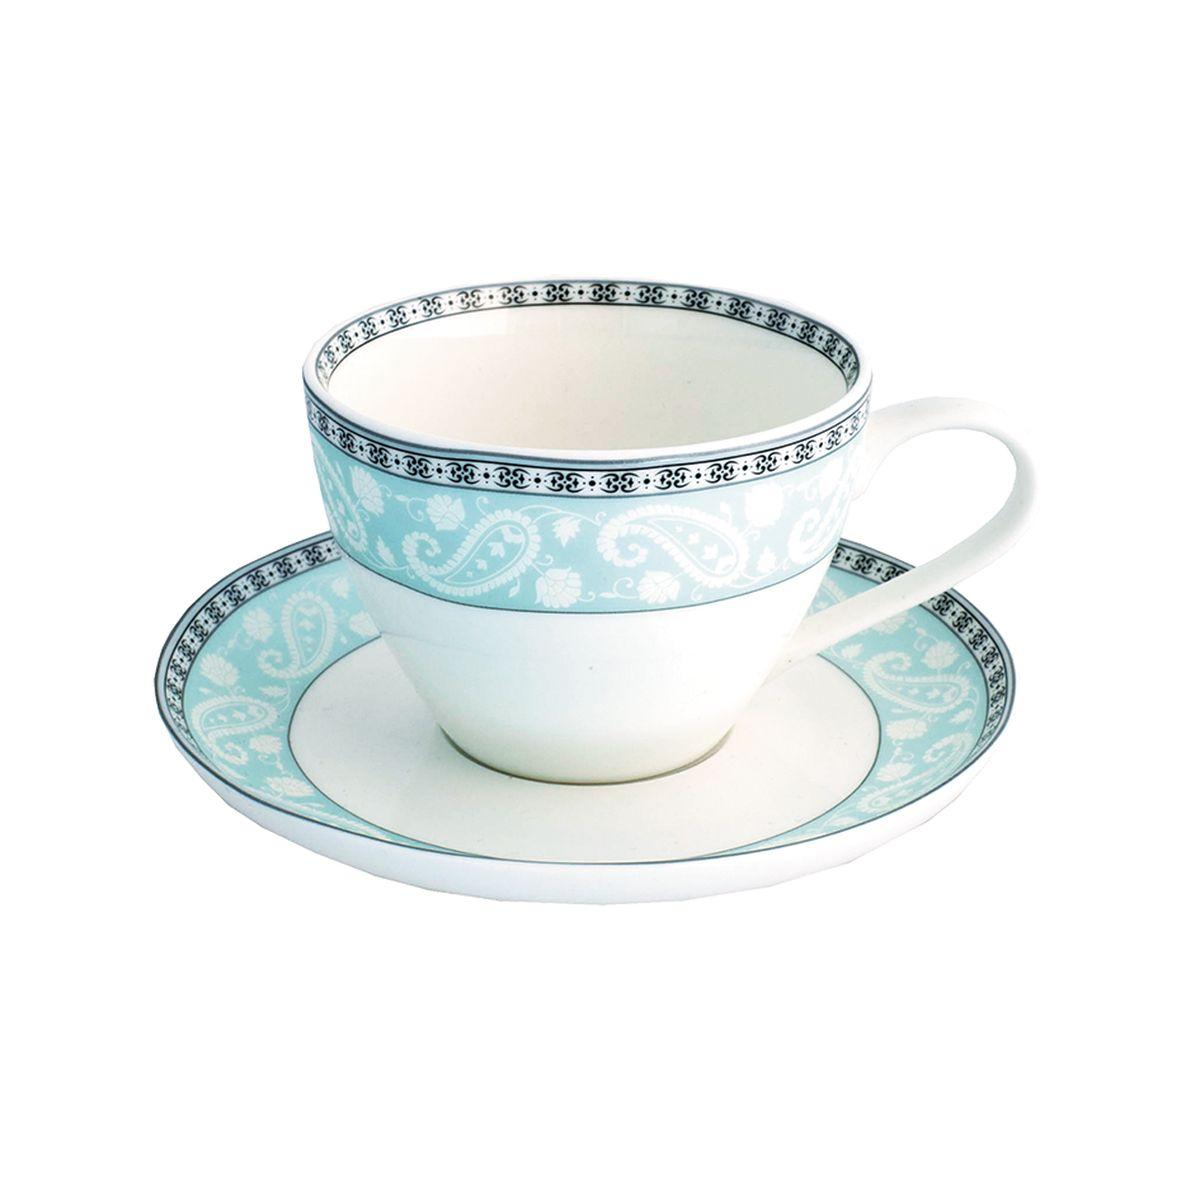 Набор чайный Esprado Arista Blue, 12 предметовVT-1520(SR)Чайный набор Esprado Arista Blue состоит из шести чашек и шести блюдец, изготовленных из высококачественного твердого фарфора. Над созданием дизайна коллекций посуды из фарфора Esprado работает международная команда высококлассных дизайнеров, не только воплощающих в жизнь все новейшие тренды, но также и придерживающихся многовековых традиций при создании классических коллекций. Посуда из костяного фарфора будет идеальным выбором, для тех, кто предпочитает красивую современную посуду из высококачественного материала, которая отличается высокой прочностью и подходит для ежедневного использования. Столовая посуда Arista Blue выполнена в благородном голубом оттенке и позволит создать за столом изысканную атмосферу без лишней вычурности.Можно использовать в микроволновки печи и мыть в посудомоечной машине.